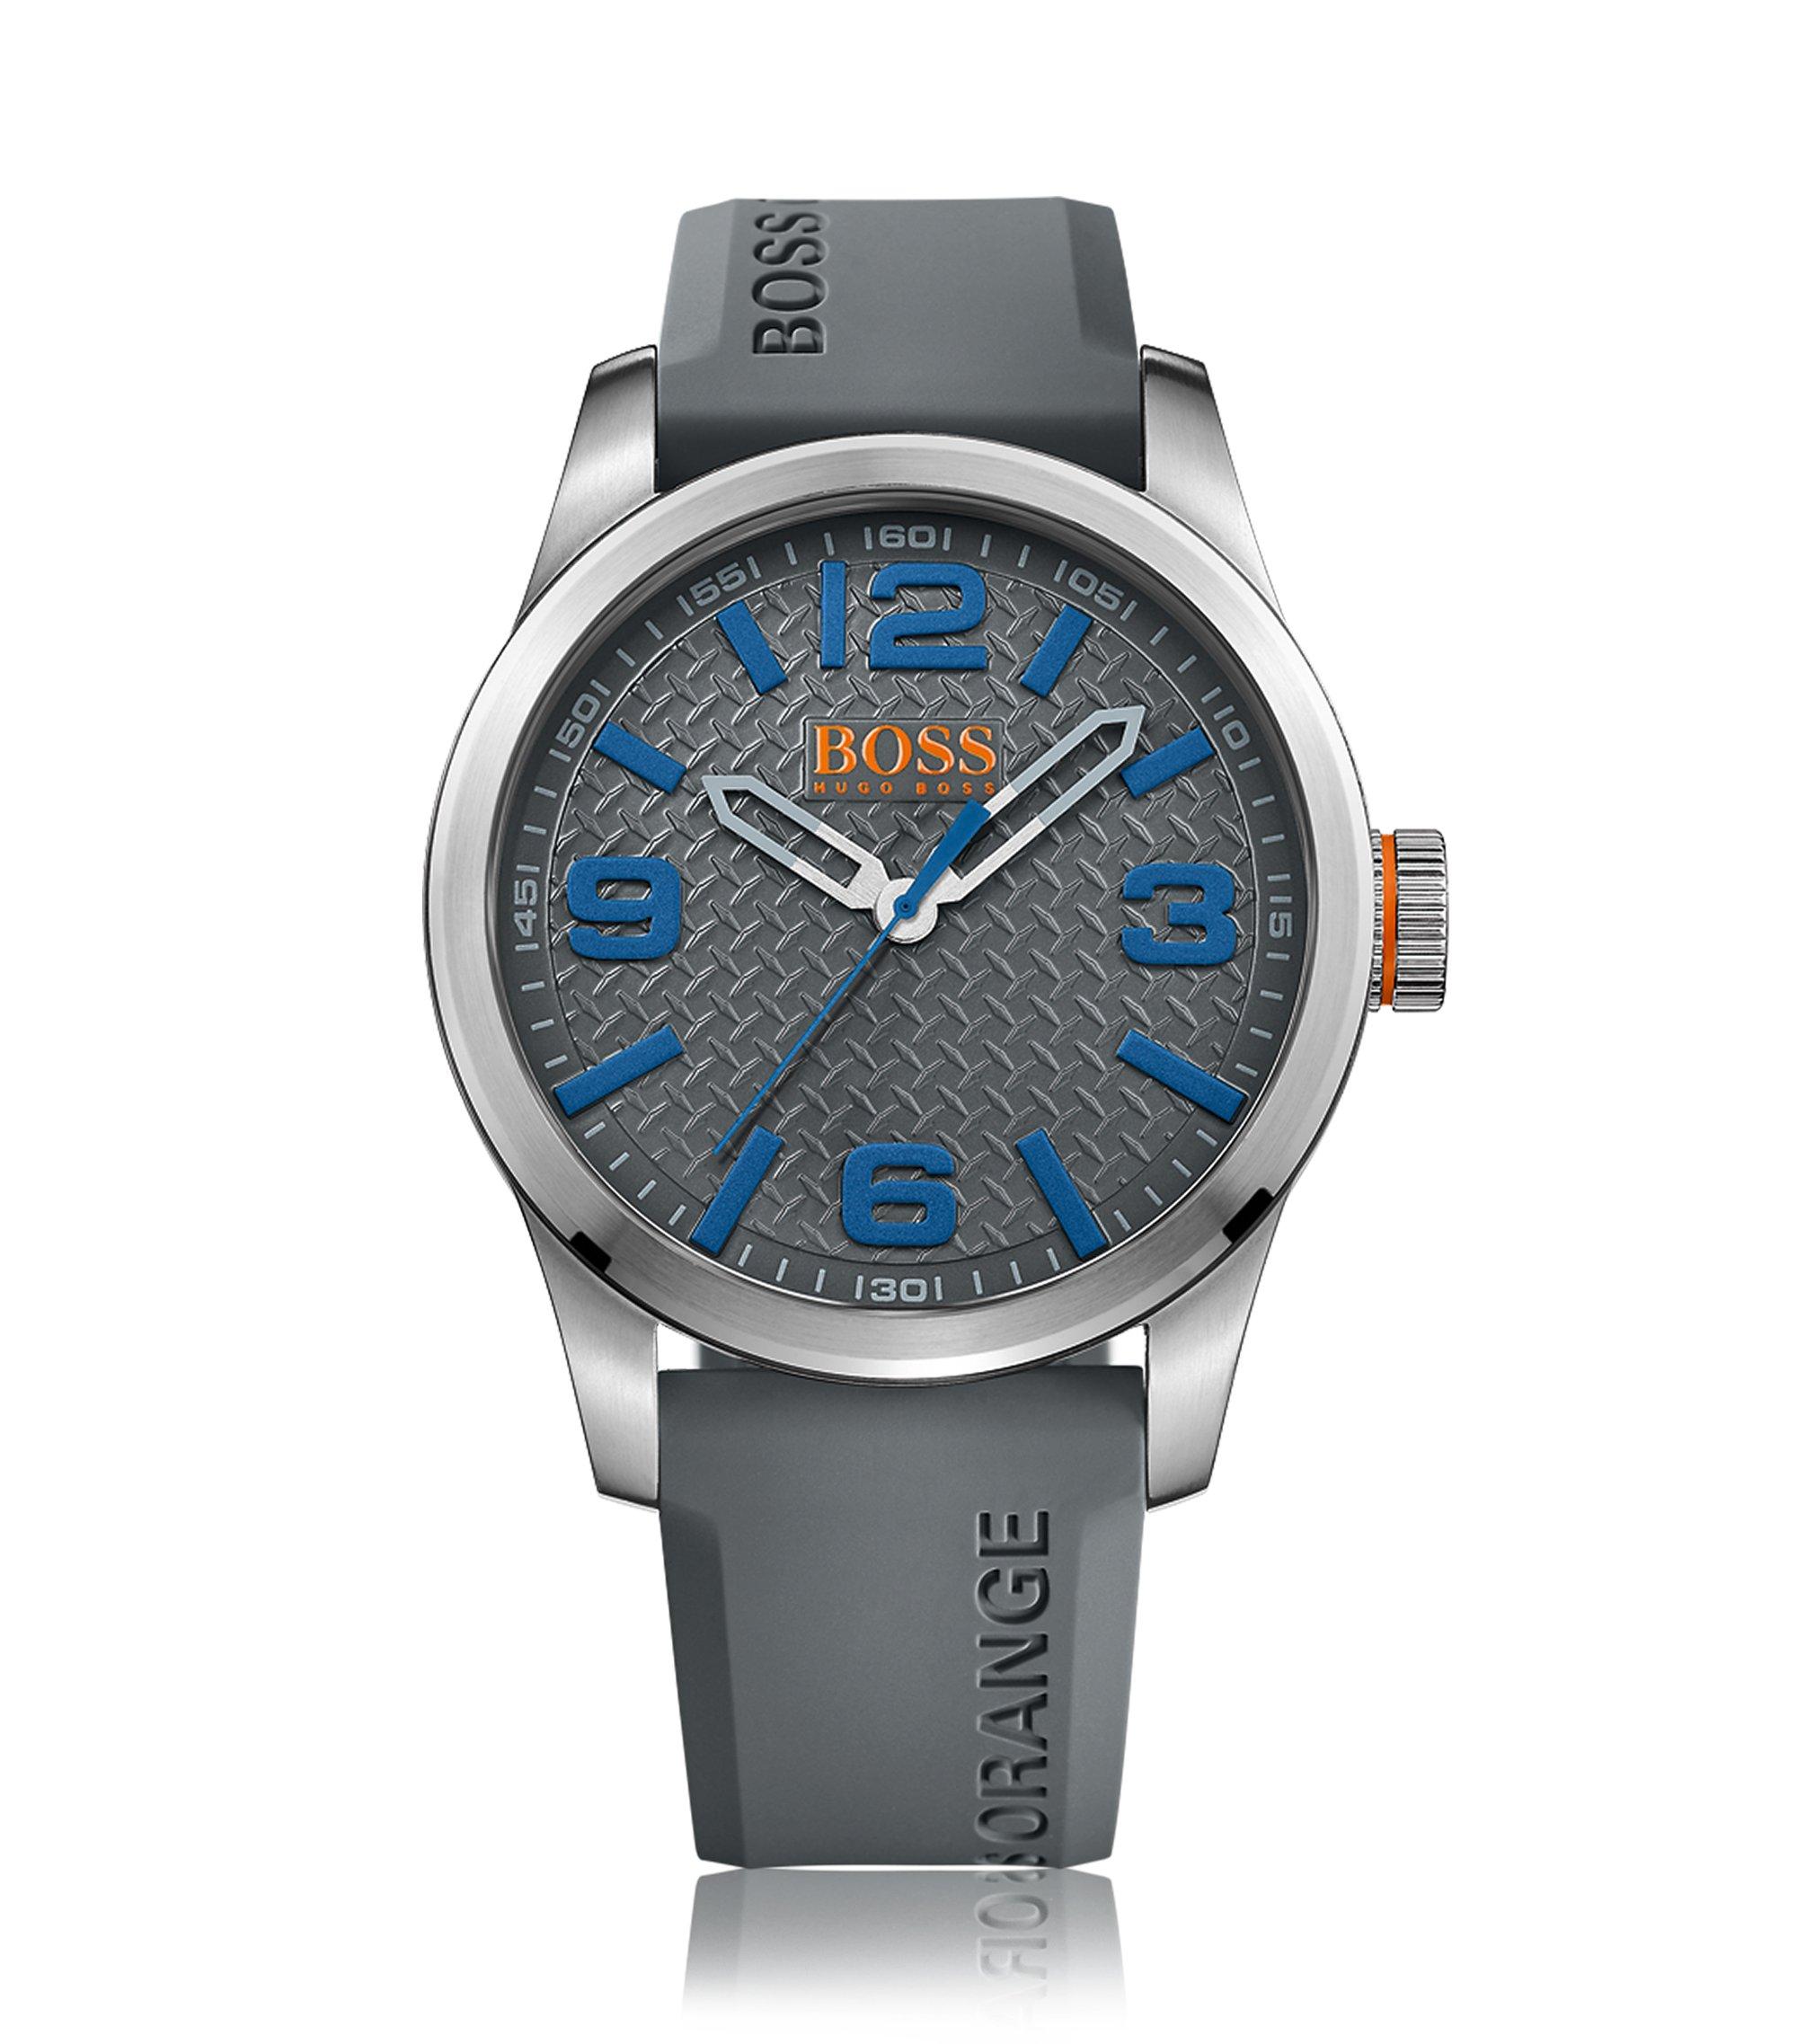 Reloj de tres manecillas en acero inoxidable cepillado con textura en la esfera gris, Gris